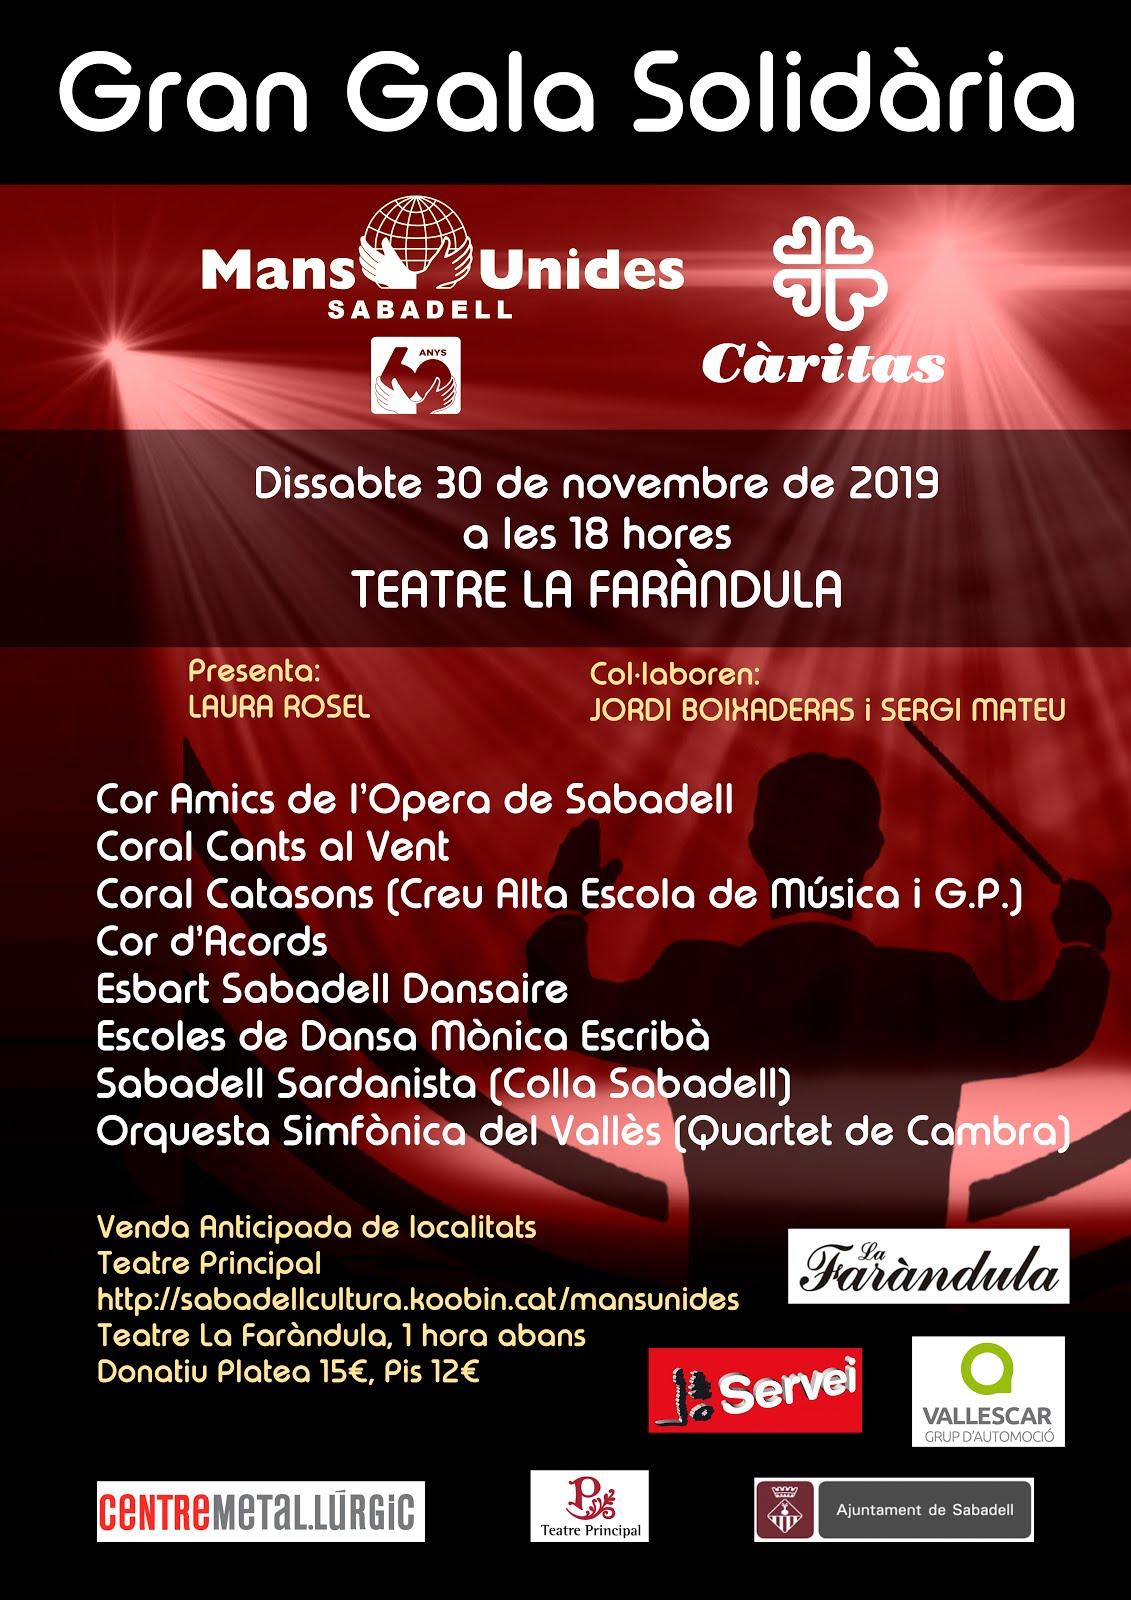 Gran Gala Mans Unides Sabadell